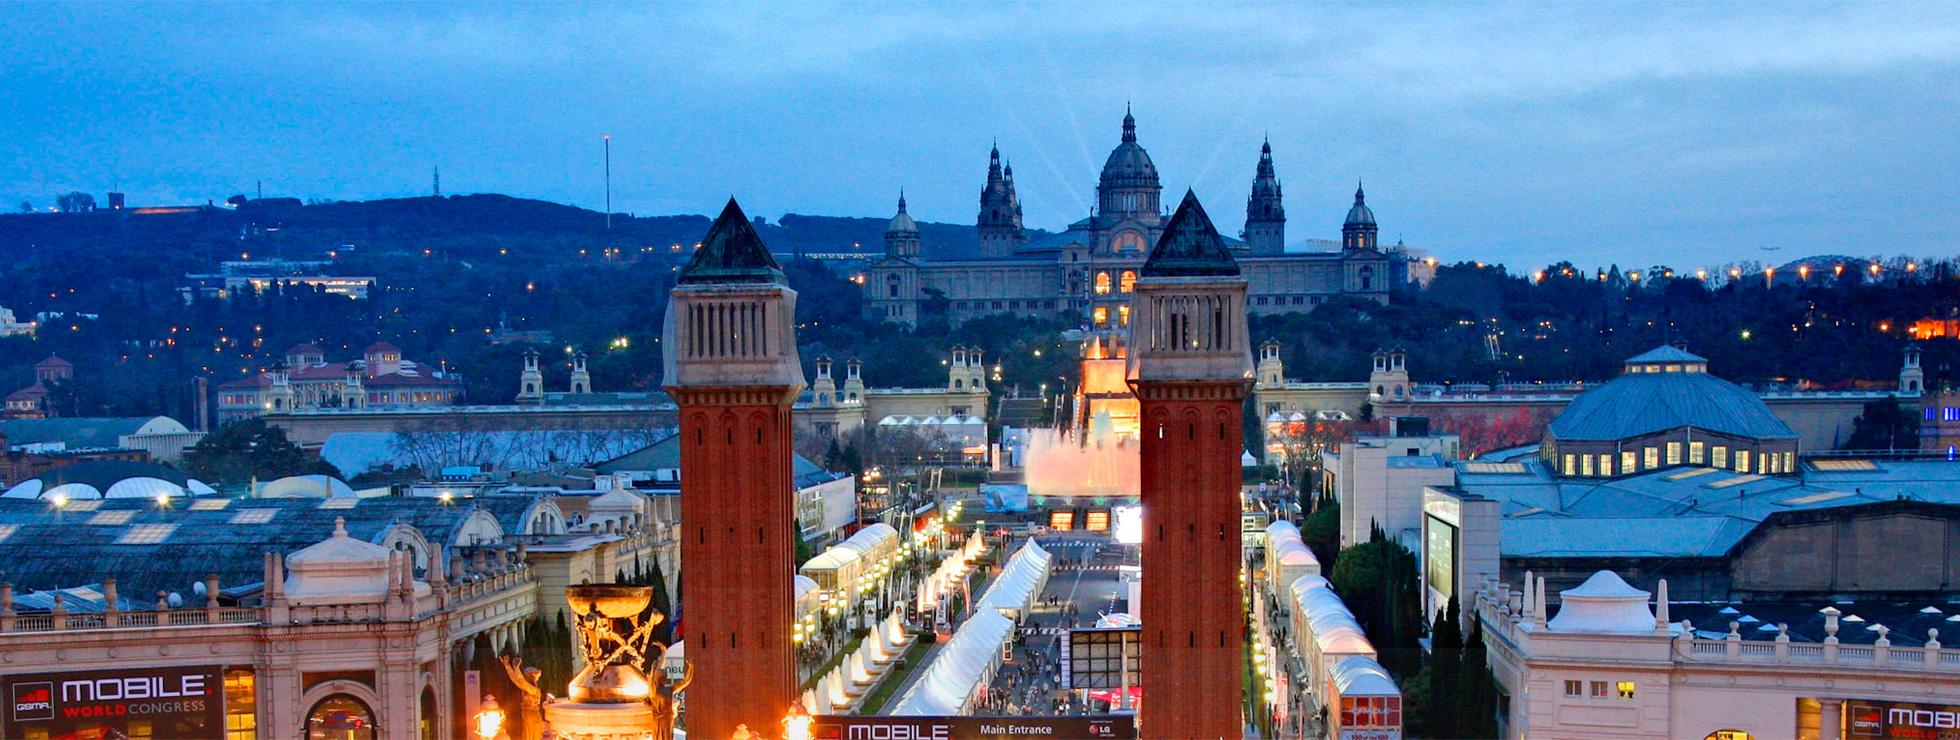 Hoteles barcelona Hoteles en barcelona ciudad